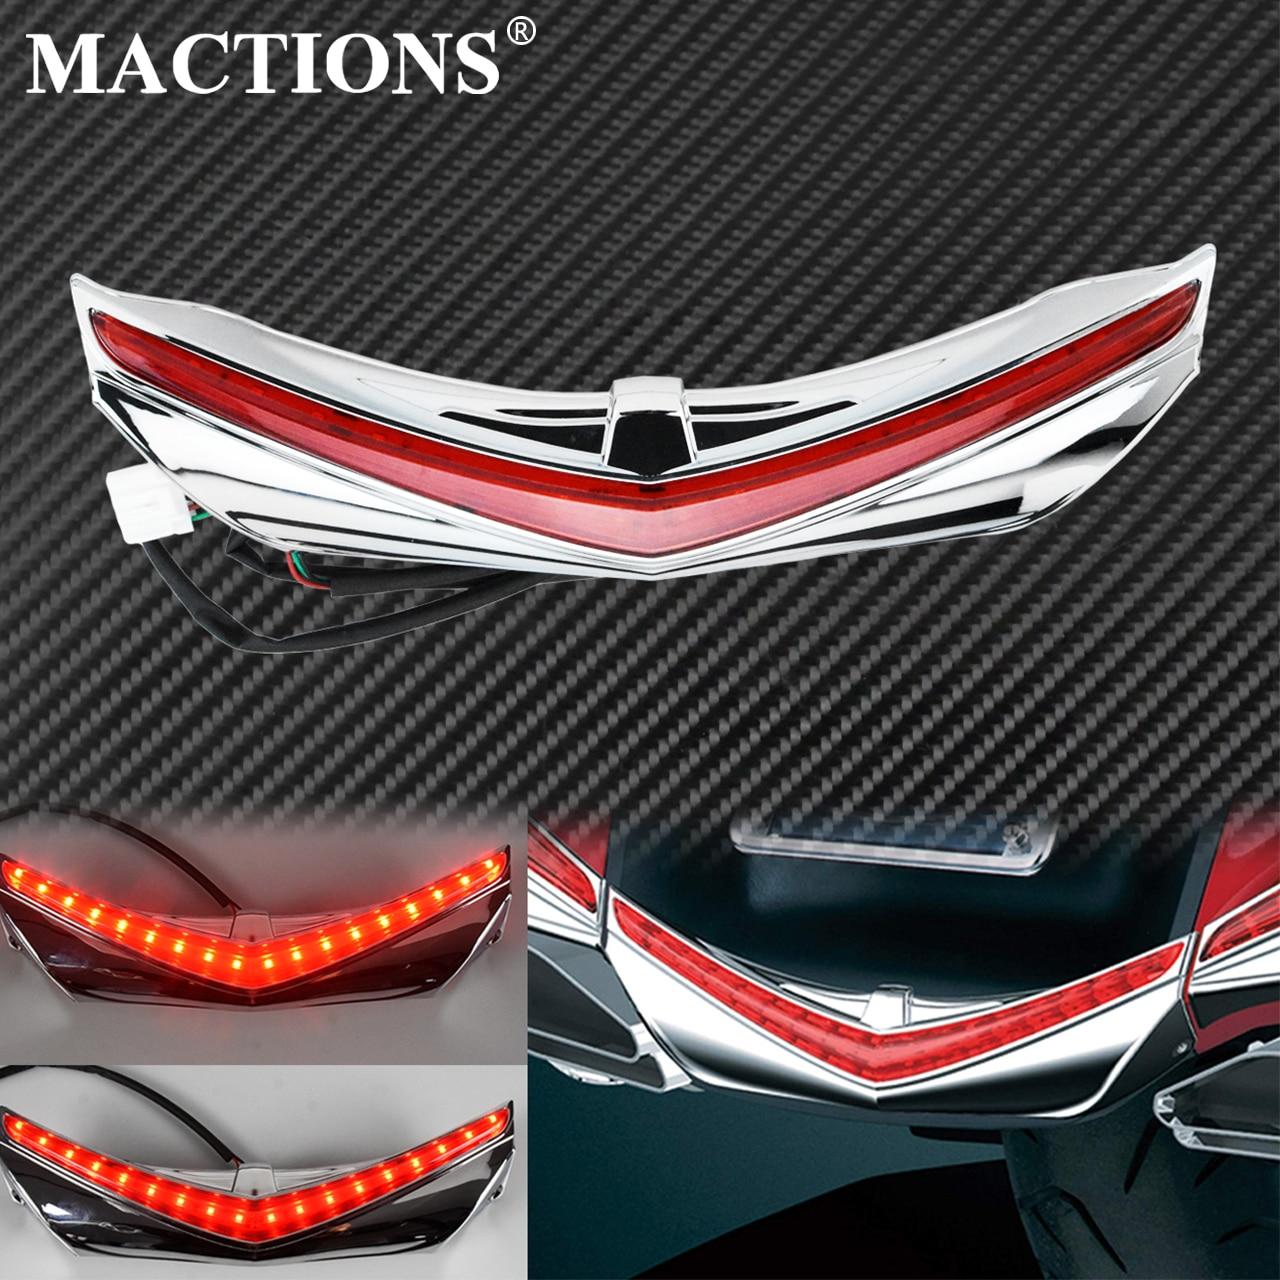 Motorcycle LED Rear Fender Tip Running Brake Accent Light For Honda GL1800 2012-17 F6B 2013 2014 2015 2016